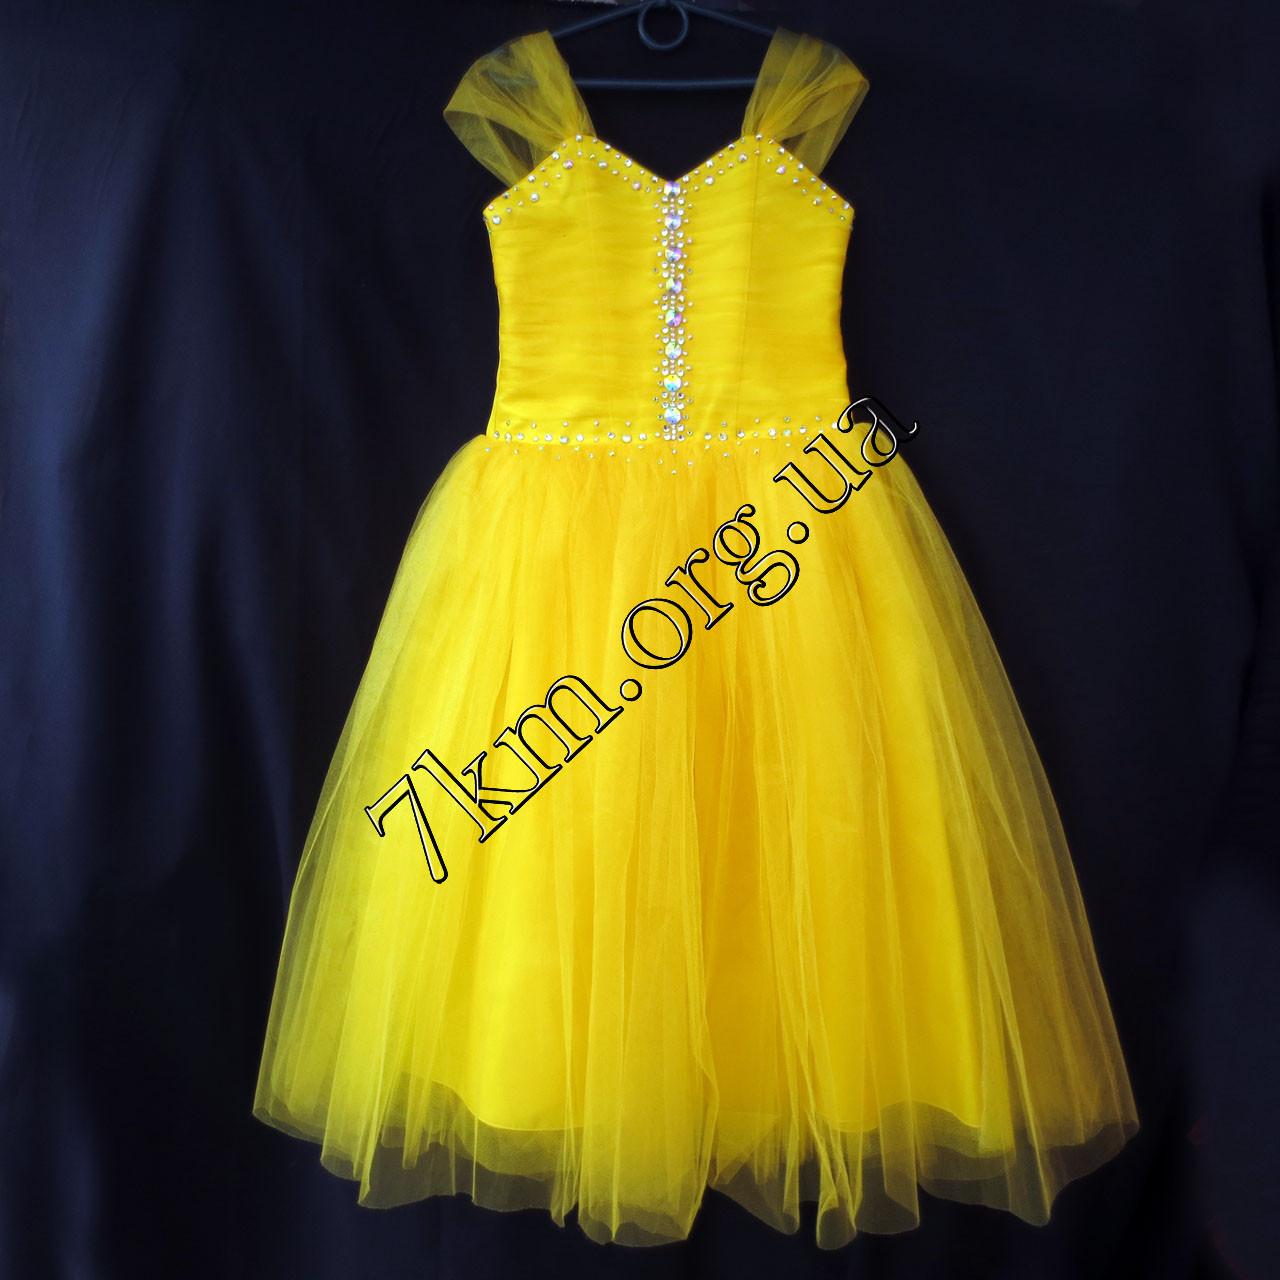 Платье нарядное бальное детское 6-7 лет Сваровски желтое Украина оптом.